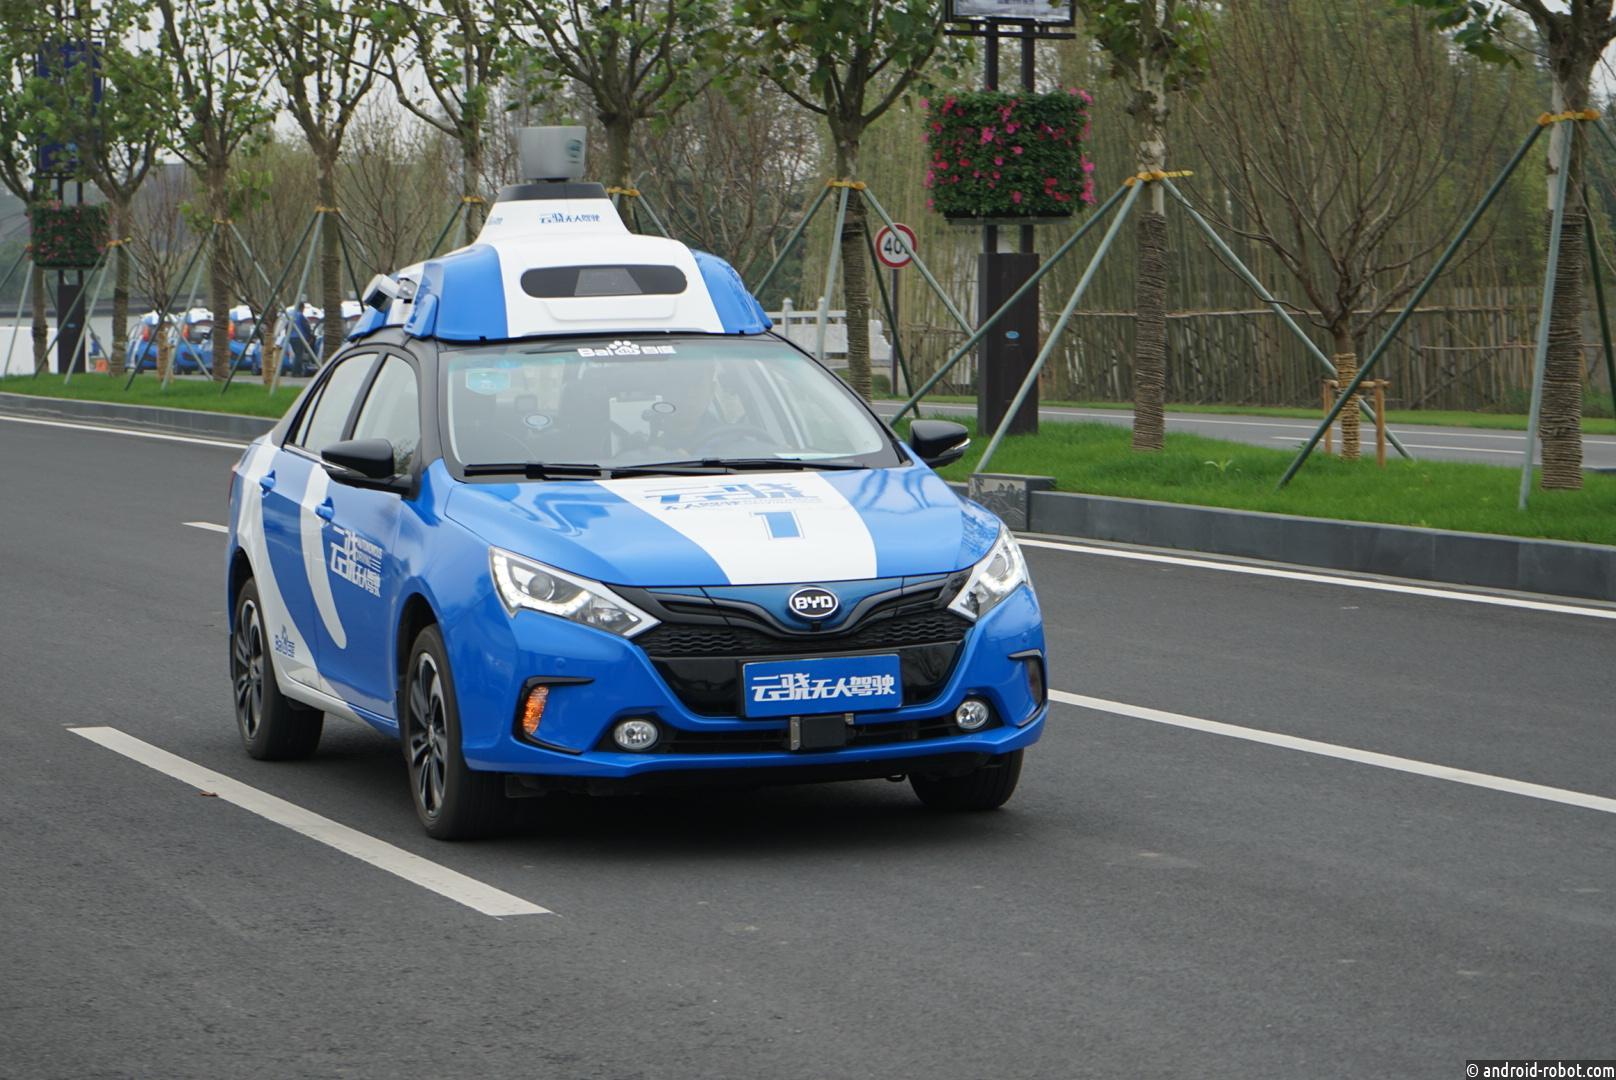 Baidu AutoBrain